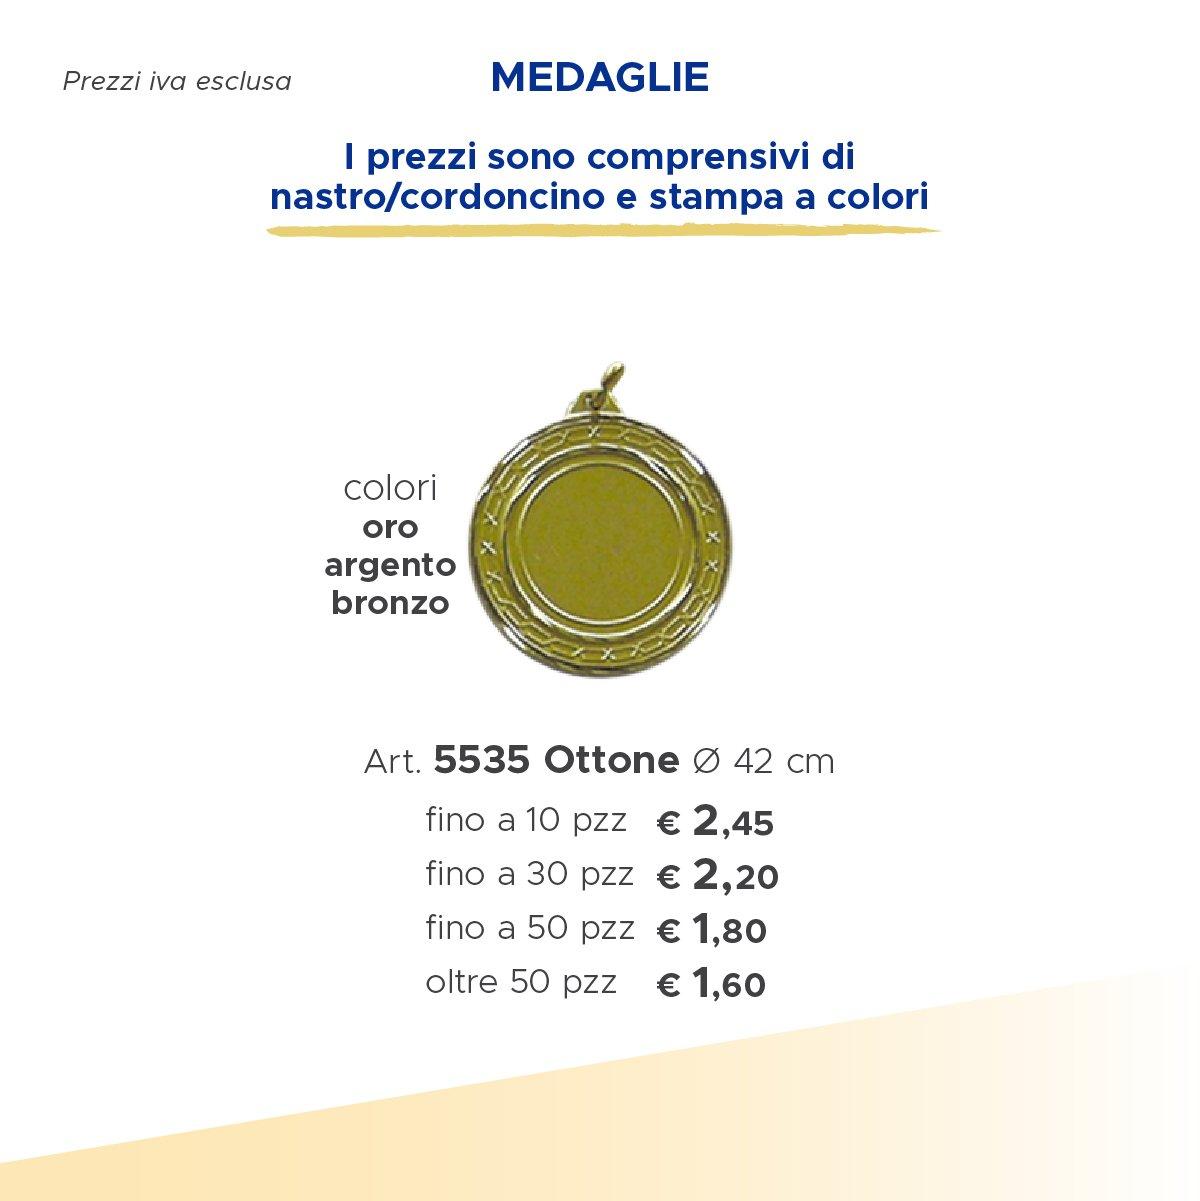 medaglia in oro